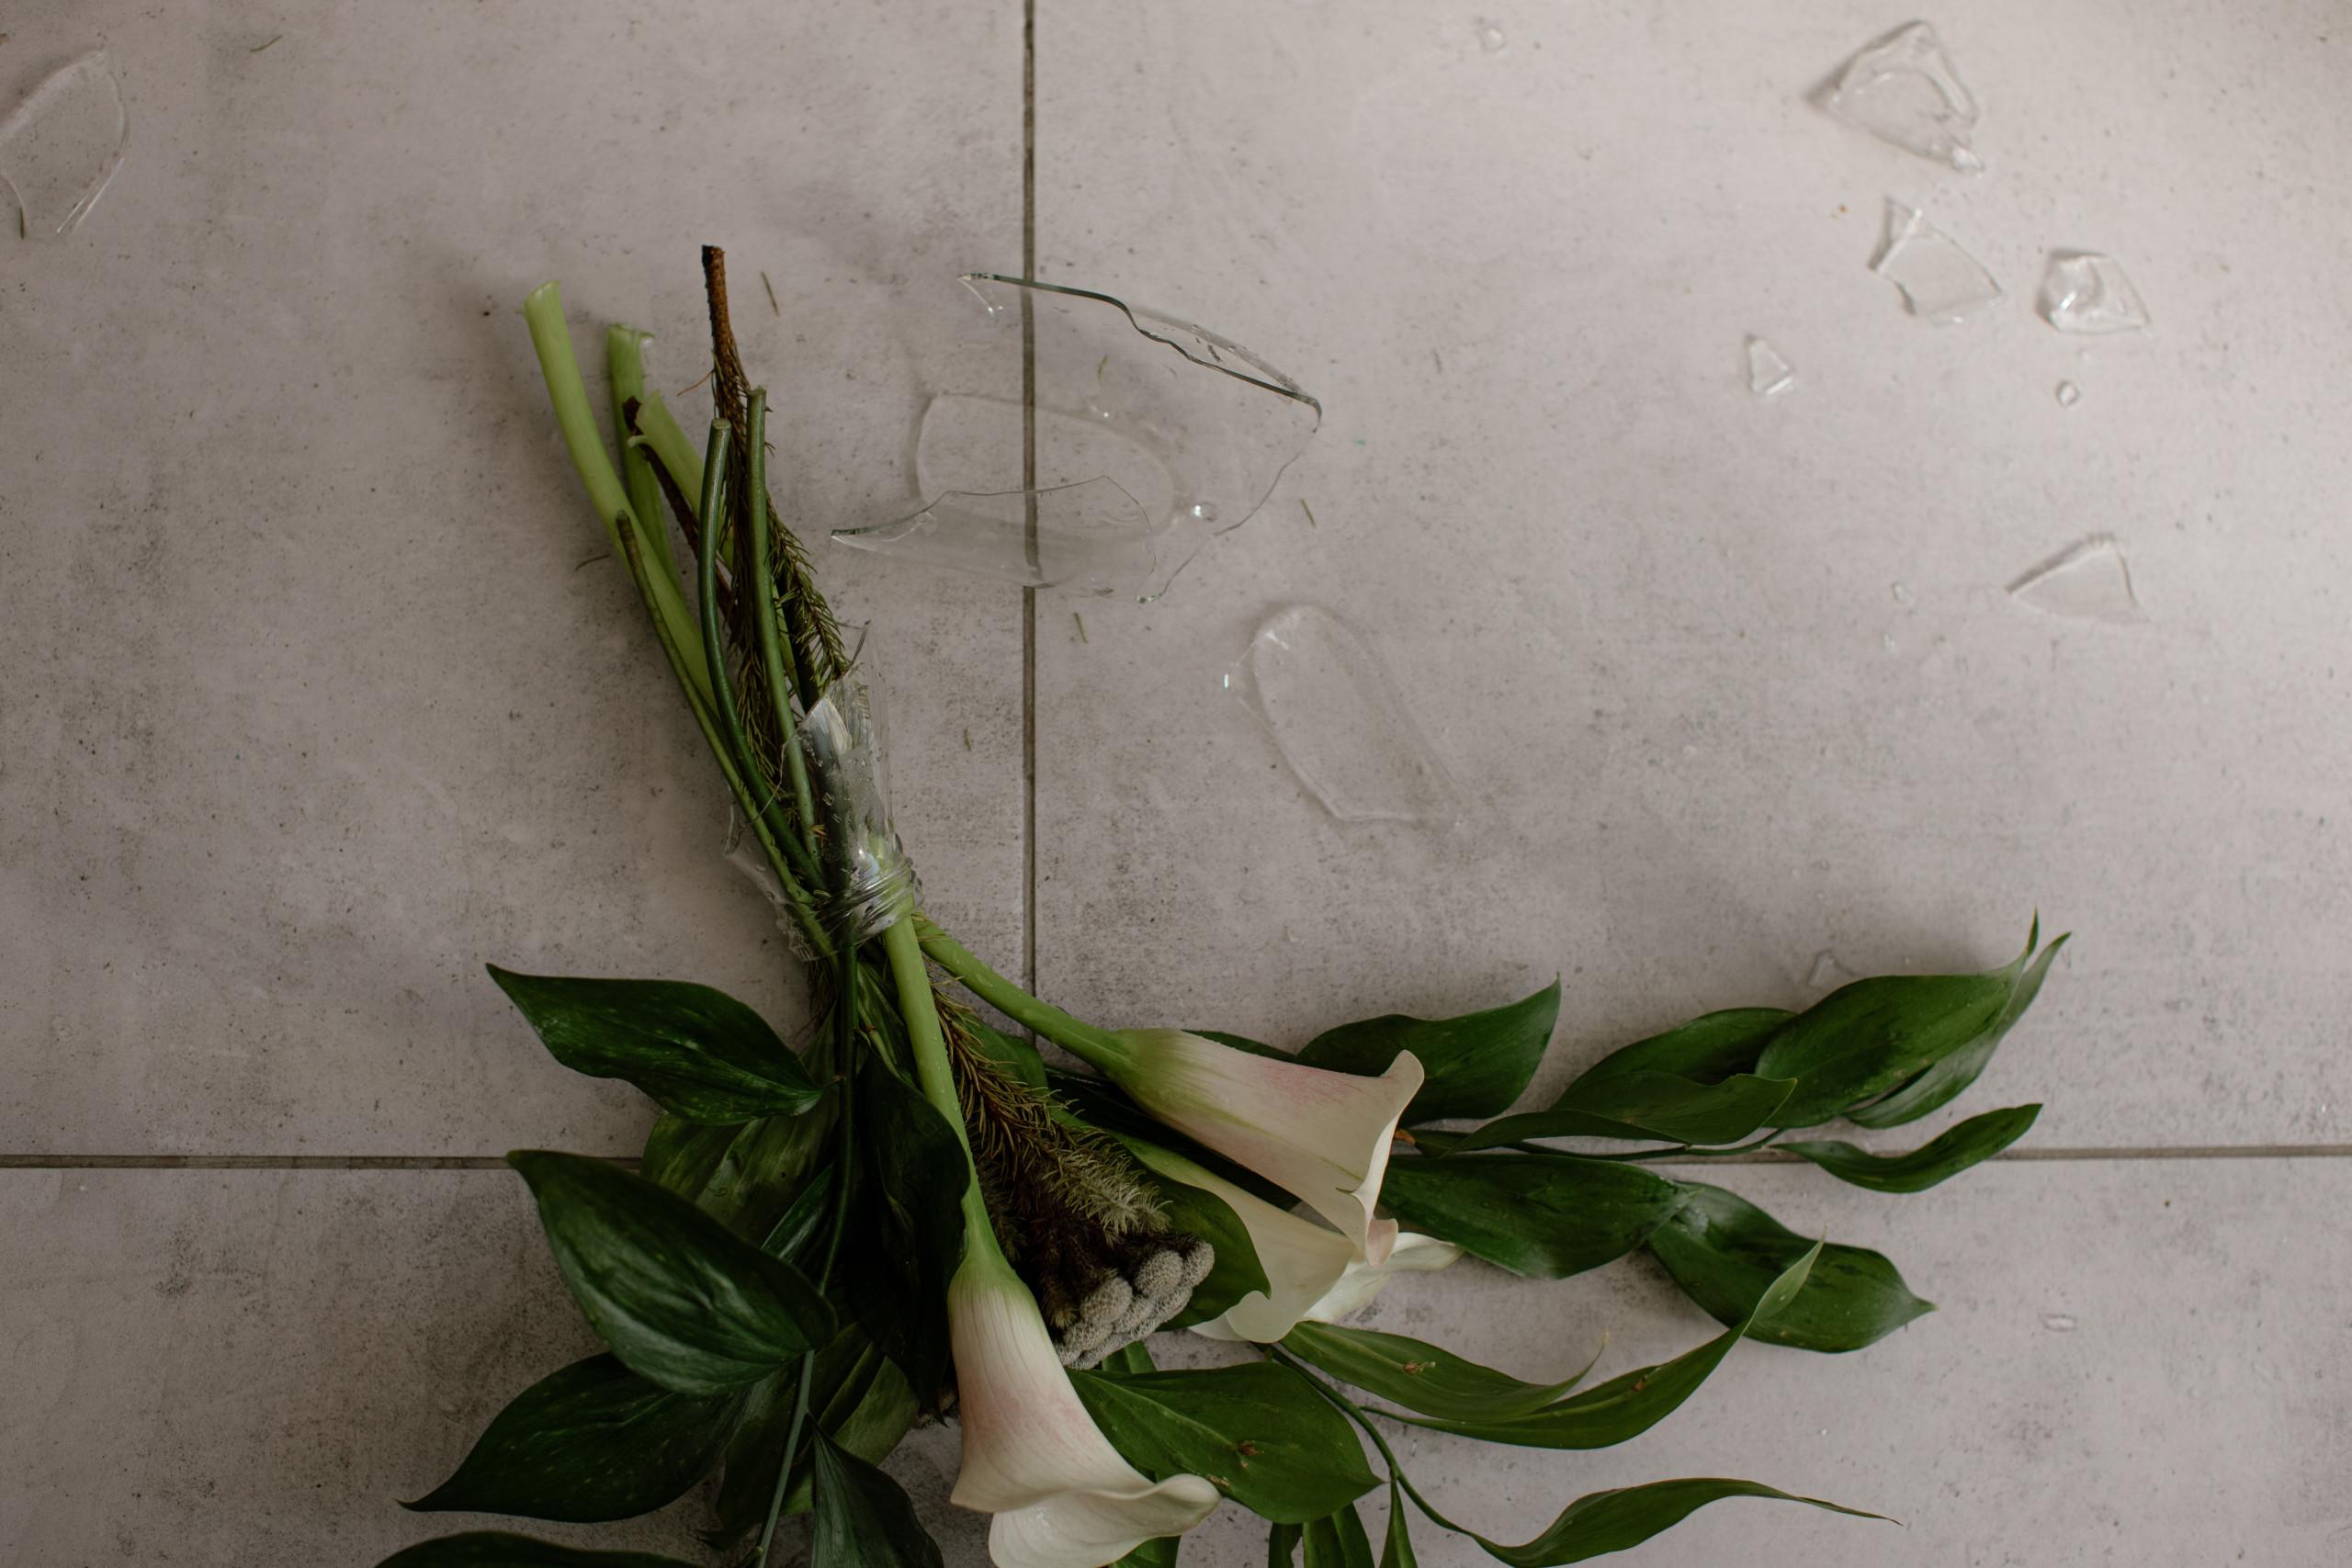 Eine zerbrochene Vase liegt am Boden